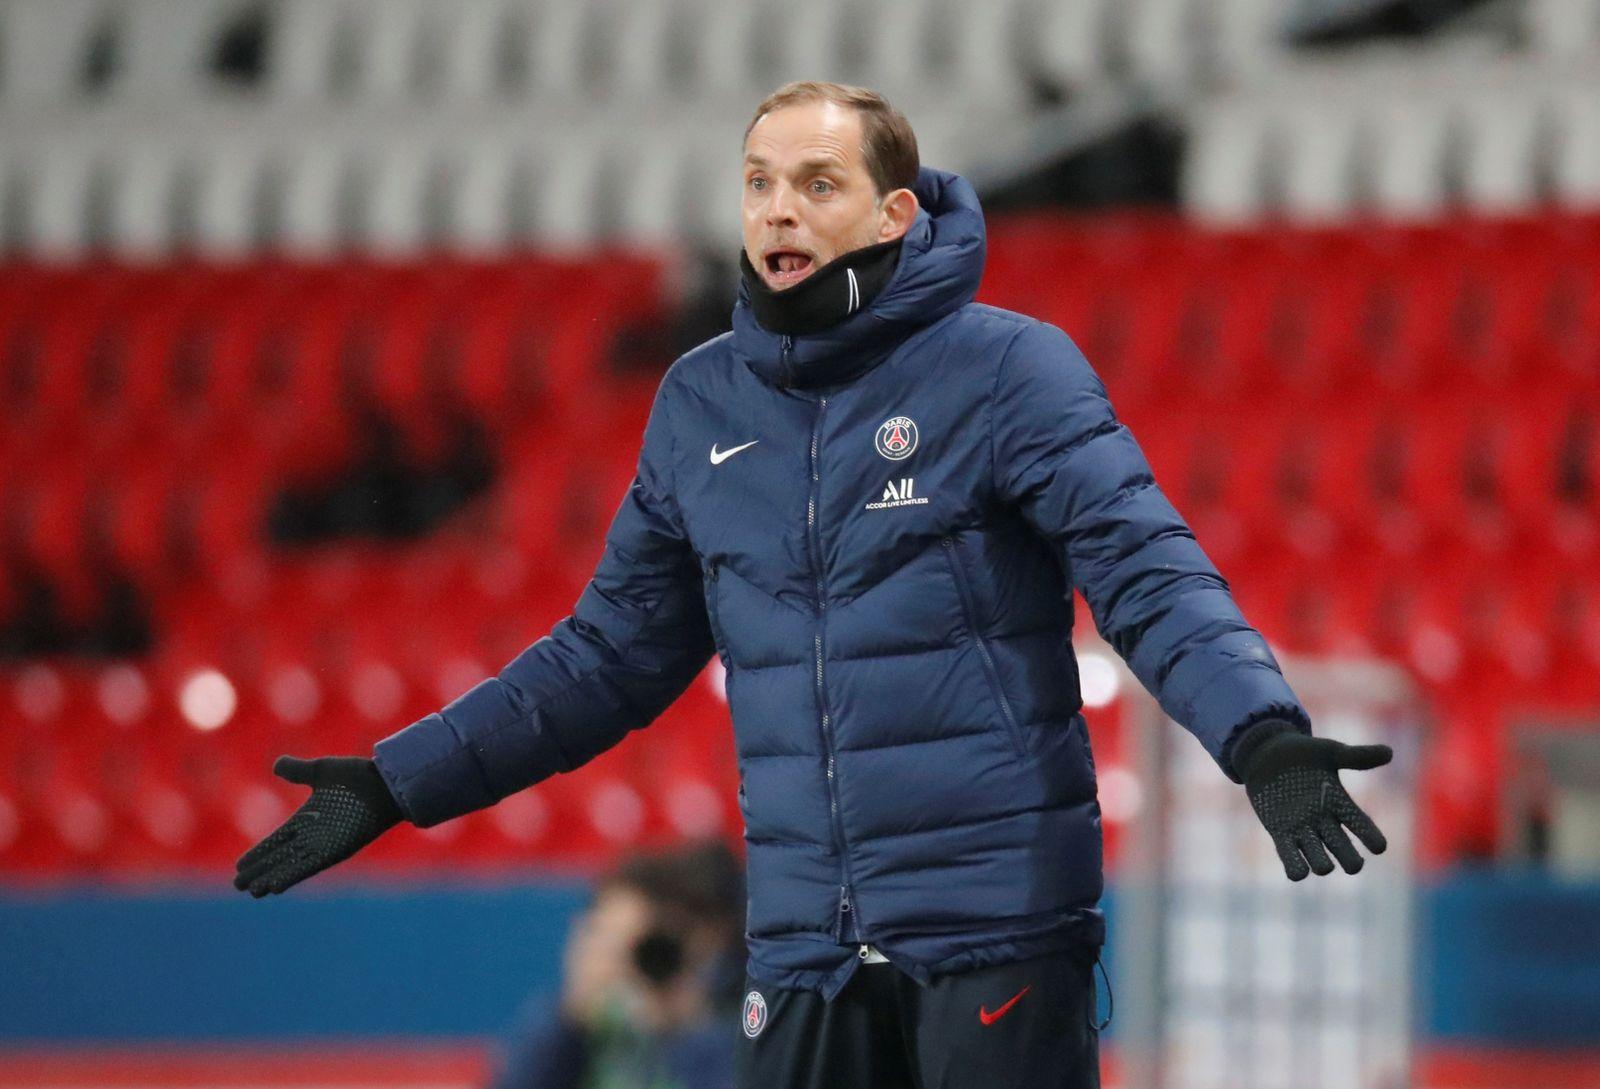 FILE PHOTO: Ligue 1 - Paris St Germain v Olympique Lyonnais